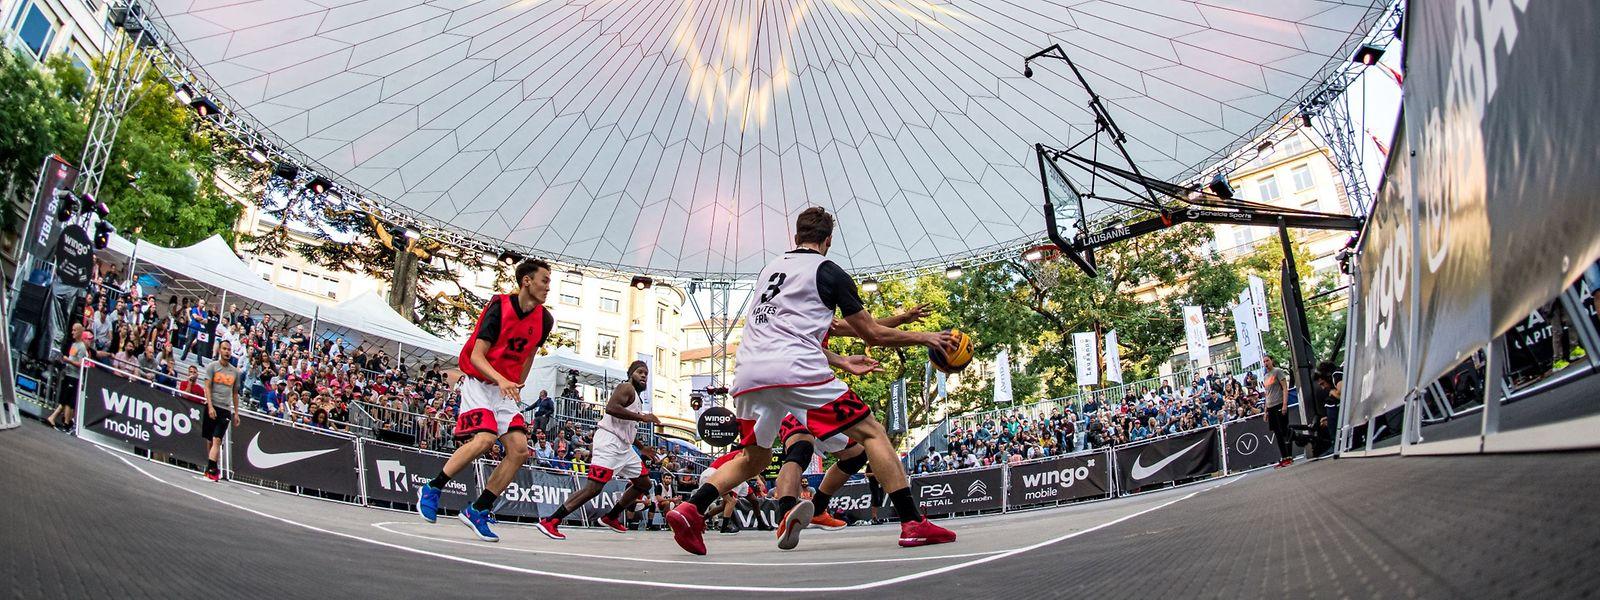 Seit Jahren finden auf der ganzen Welt 3x3-Turniere statt. Ab 2021 werden solche Events auch in Luxemburg ausgetragen.